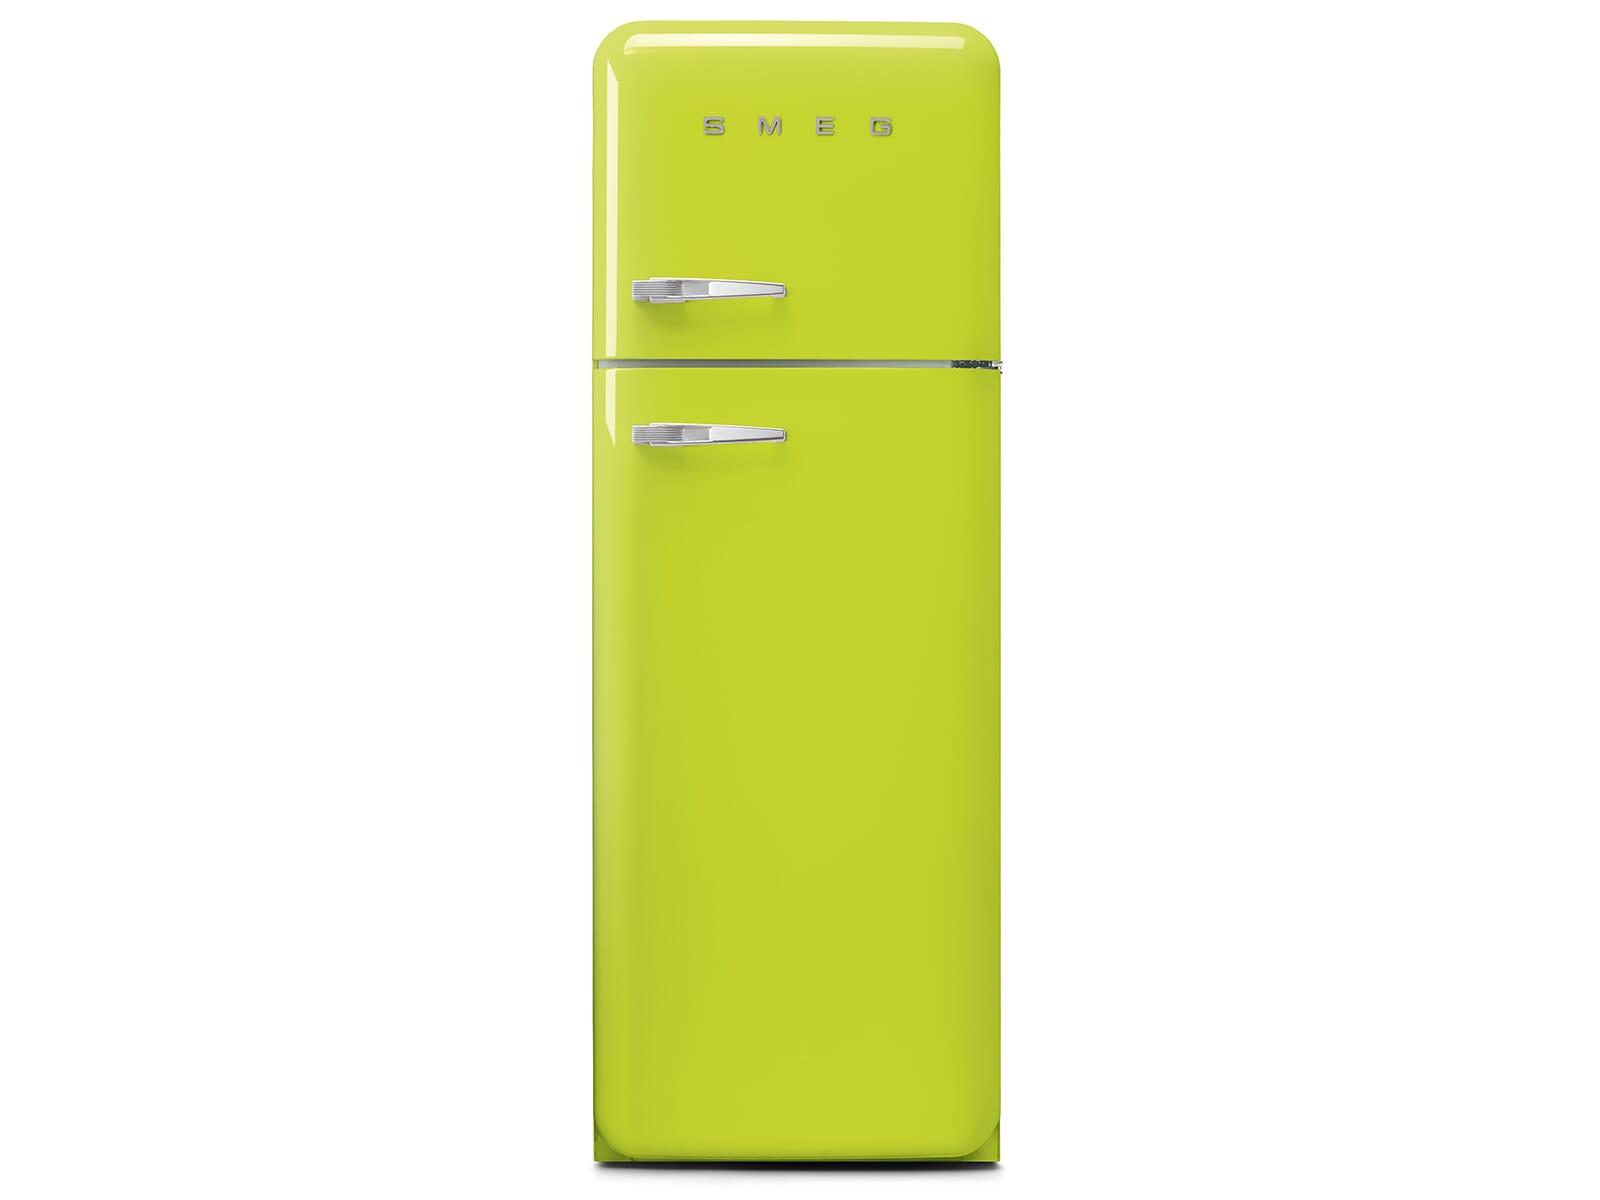 Smeg Kühlschrank 140 Cm : Smeg fab30rli3 standkühlschrank limettengrün